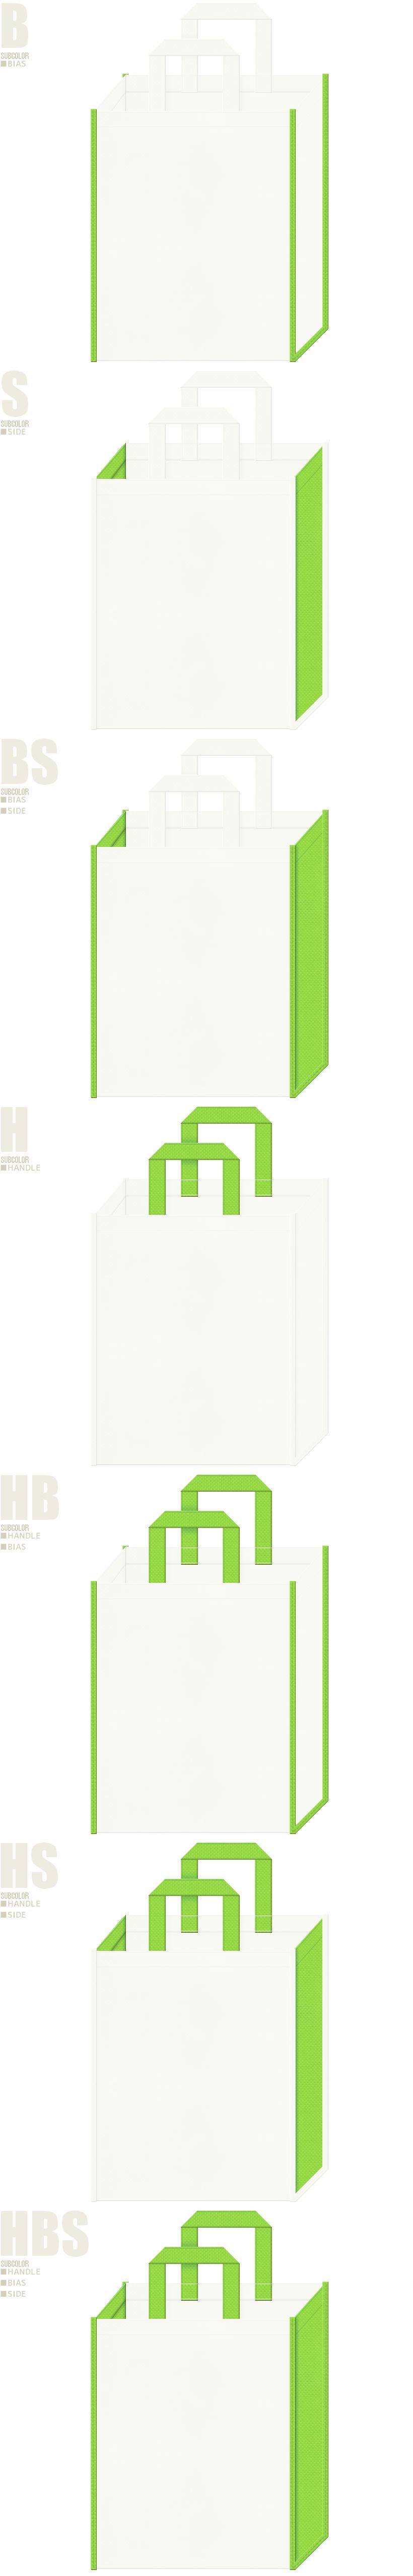 黄緑の配置によって、屋上緑化や壁面緑化を表現できます。オフホワイト色と黄緑色、7パターンの不織布トートバッグ配色デザイン例。園芸用品の展示会用バッグ、新緑季節のイベントのバッグノベルティにお奨めです。